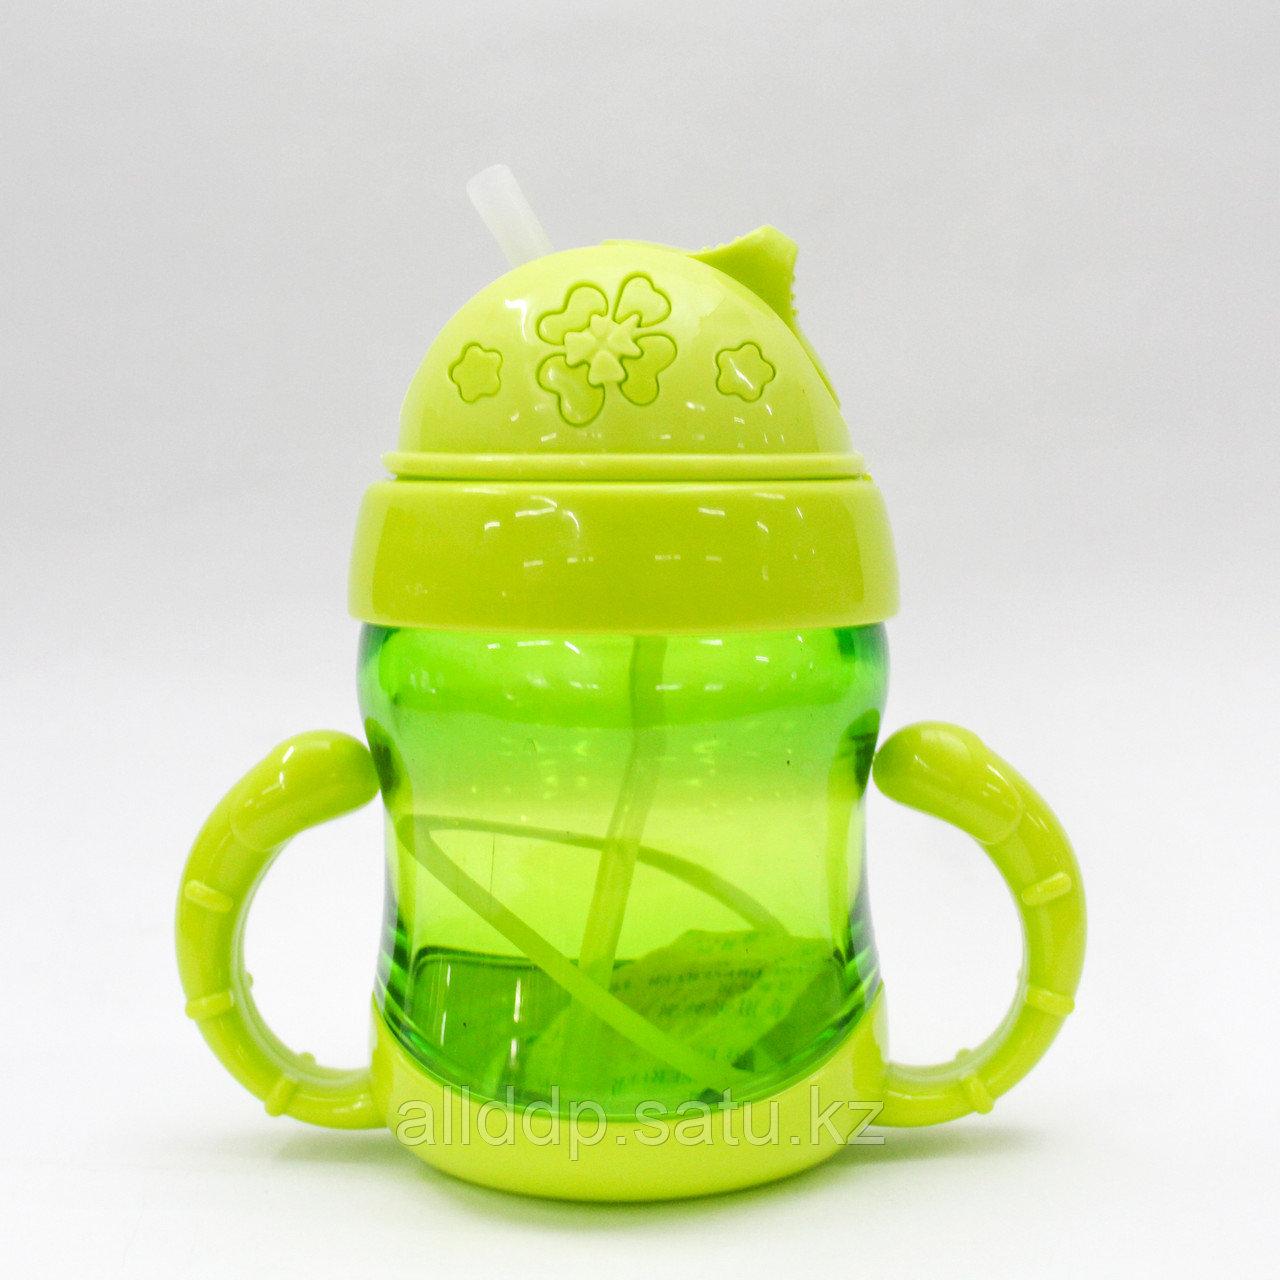 Детская питьевая бутылочка, зеленая